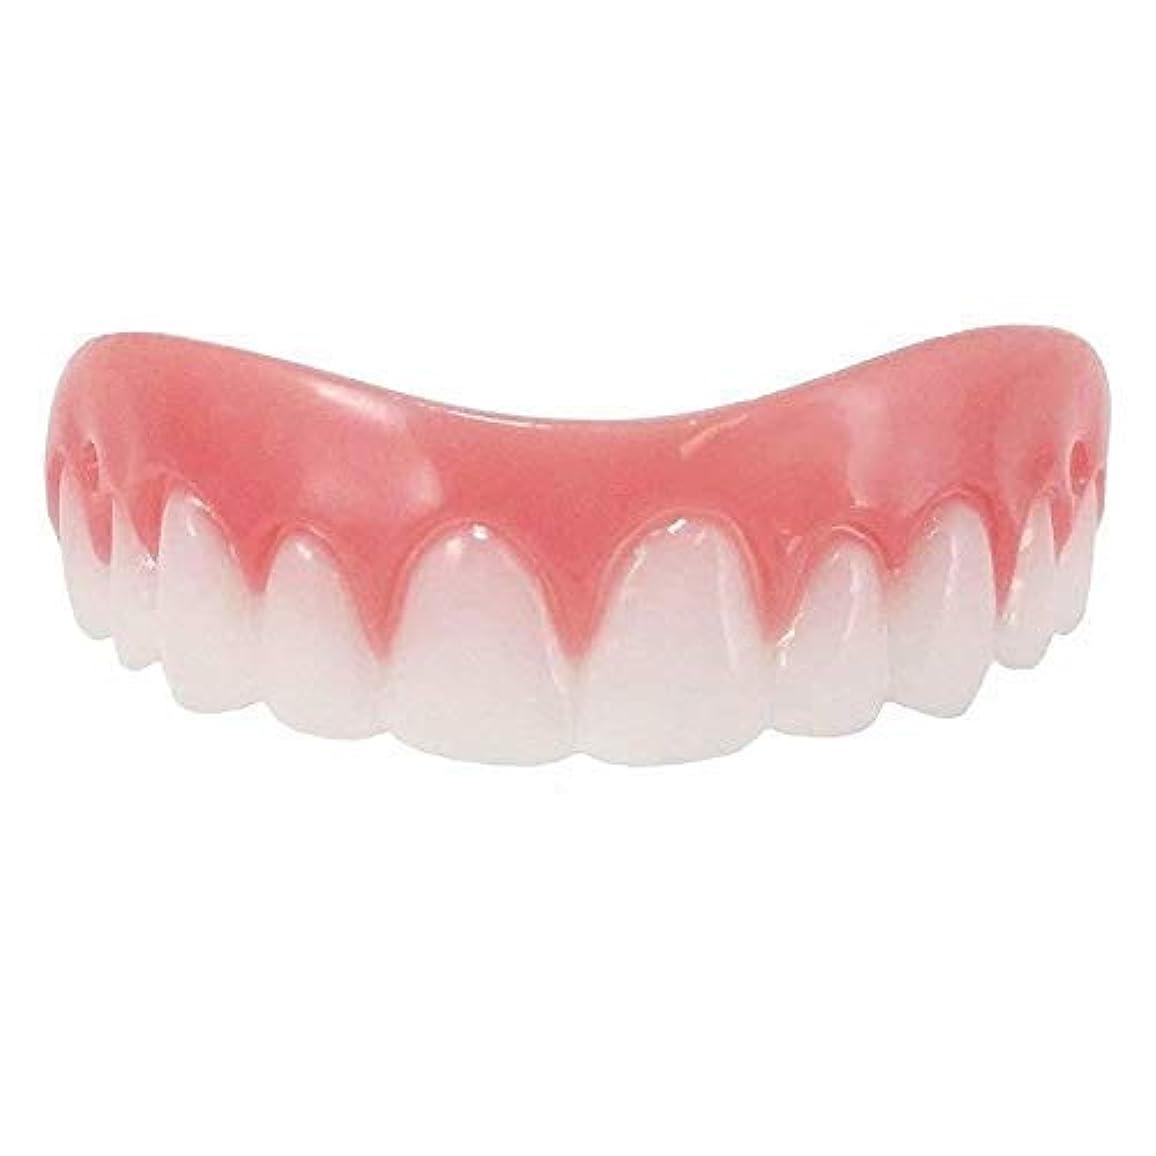 そう後ろに終了するcocorave 美容用 入れ歯 上歯 審美付歯 入歯 矯正 義歯